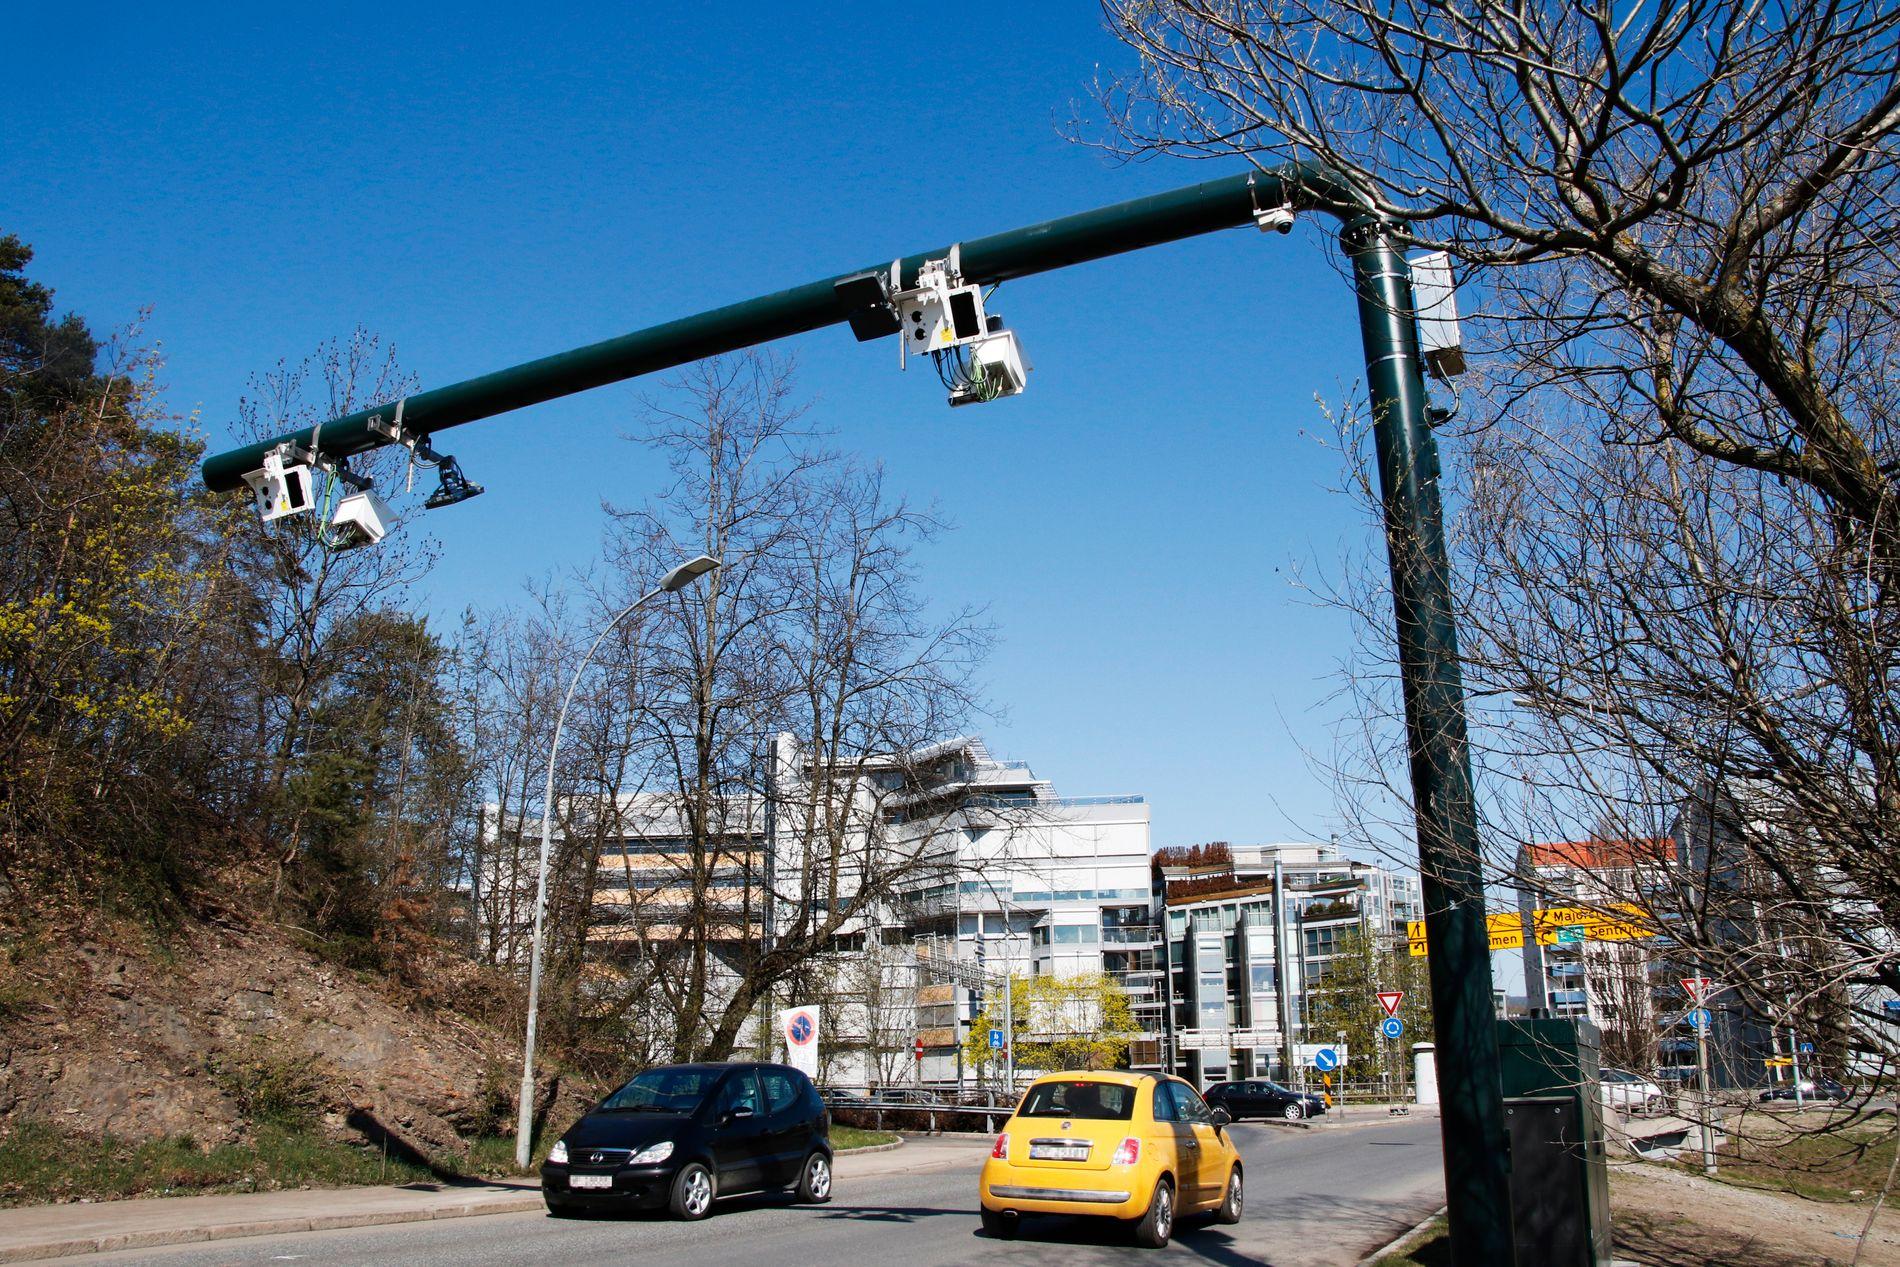 NY BOM VED BYGDØY: Selv elbilister på Bygdøy i Oslo må fra 1. juni betale når de passerer denne nye bom-bjelken ved Bygdøy-lokket. Bommen på bildet er en av 38 nye bomstasjoner i Oslos indre bomring.